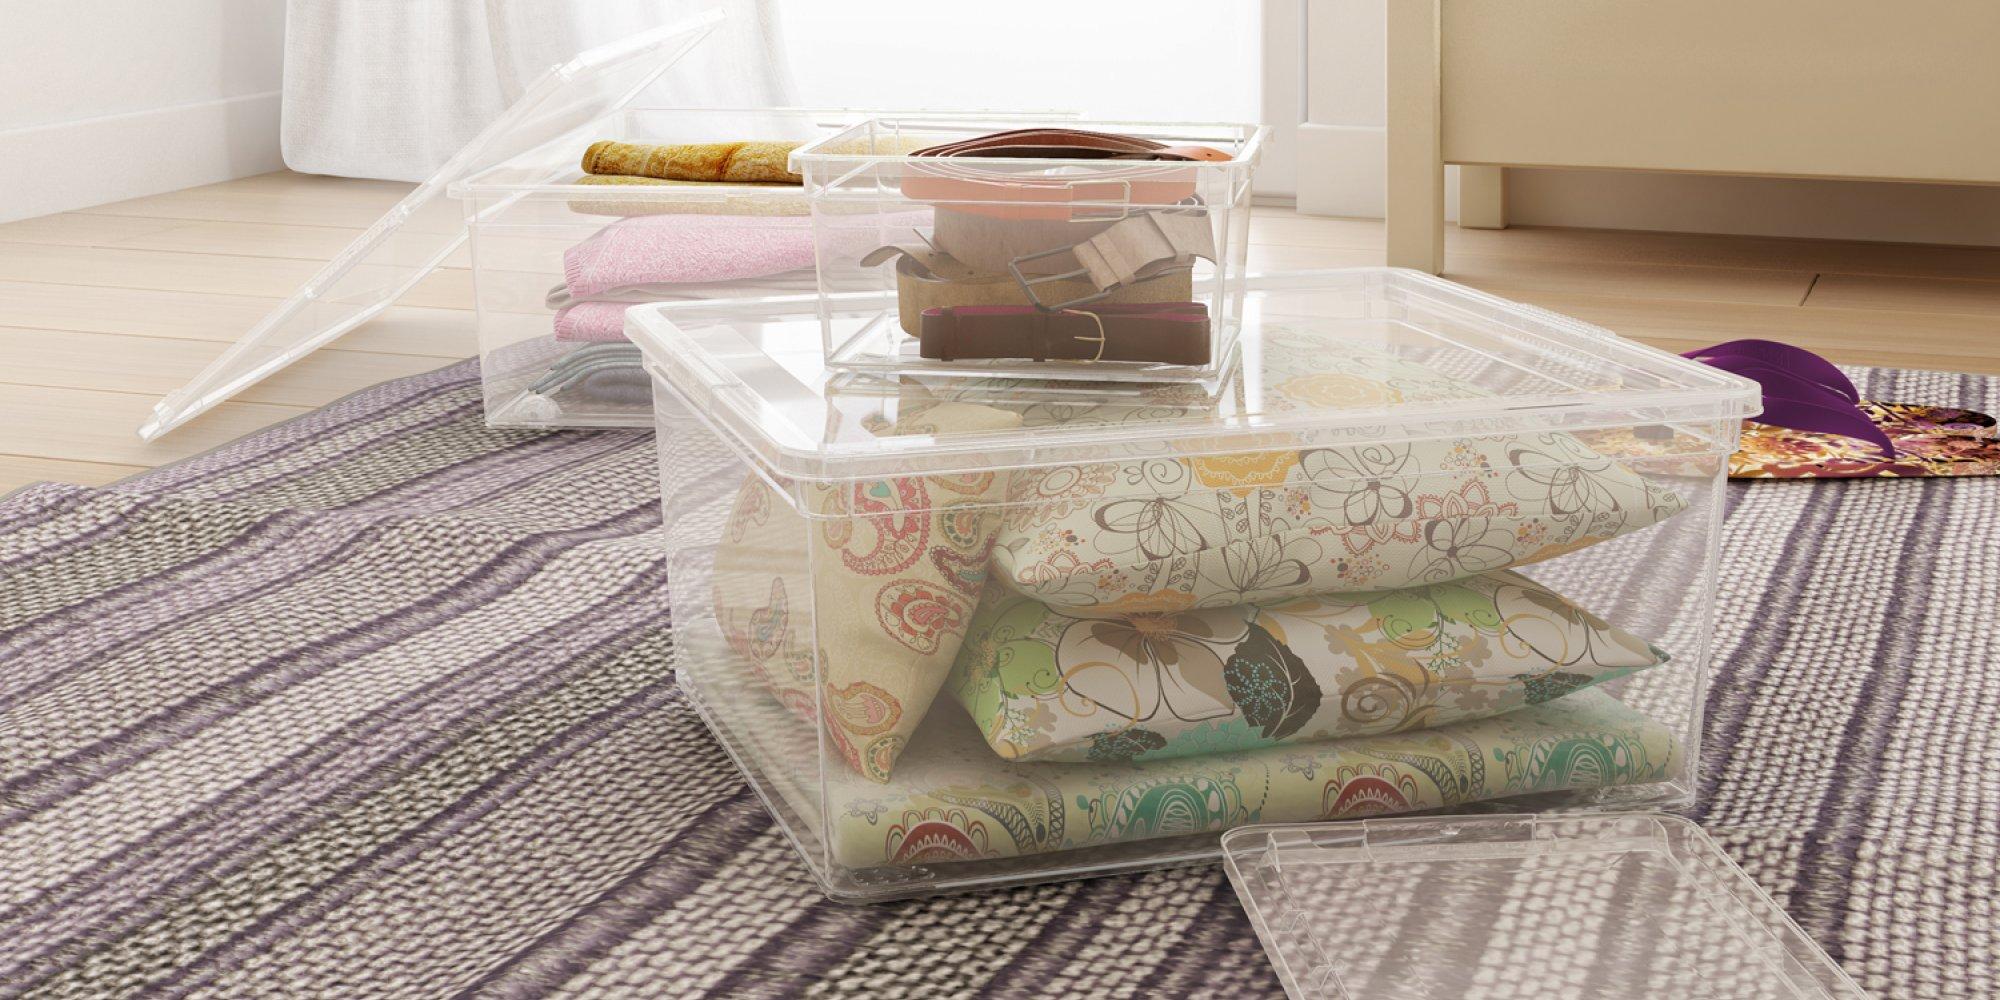 Kis 5 étapes faciles à désencombrer votre armoire avant vente-achats | gallery 5